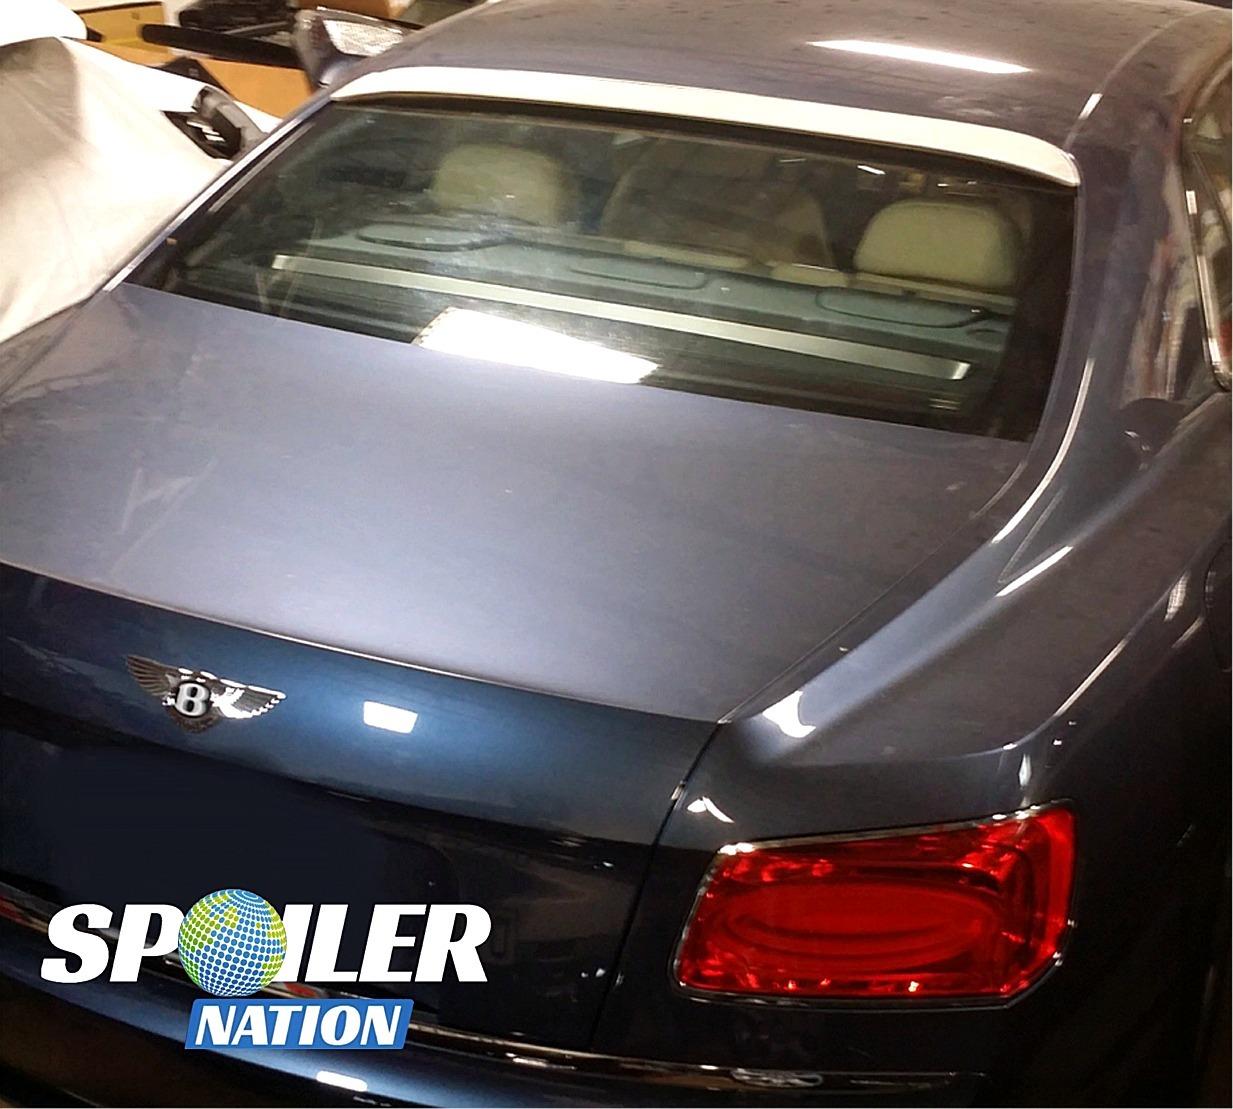 Bentley Flying Spur Tuning Ab 2015: Bentley Flying Spur Tesoro Rear Window Spoiler (Unpainted